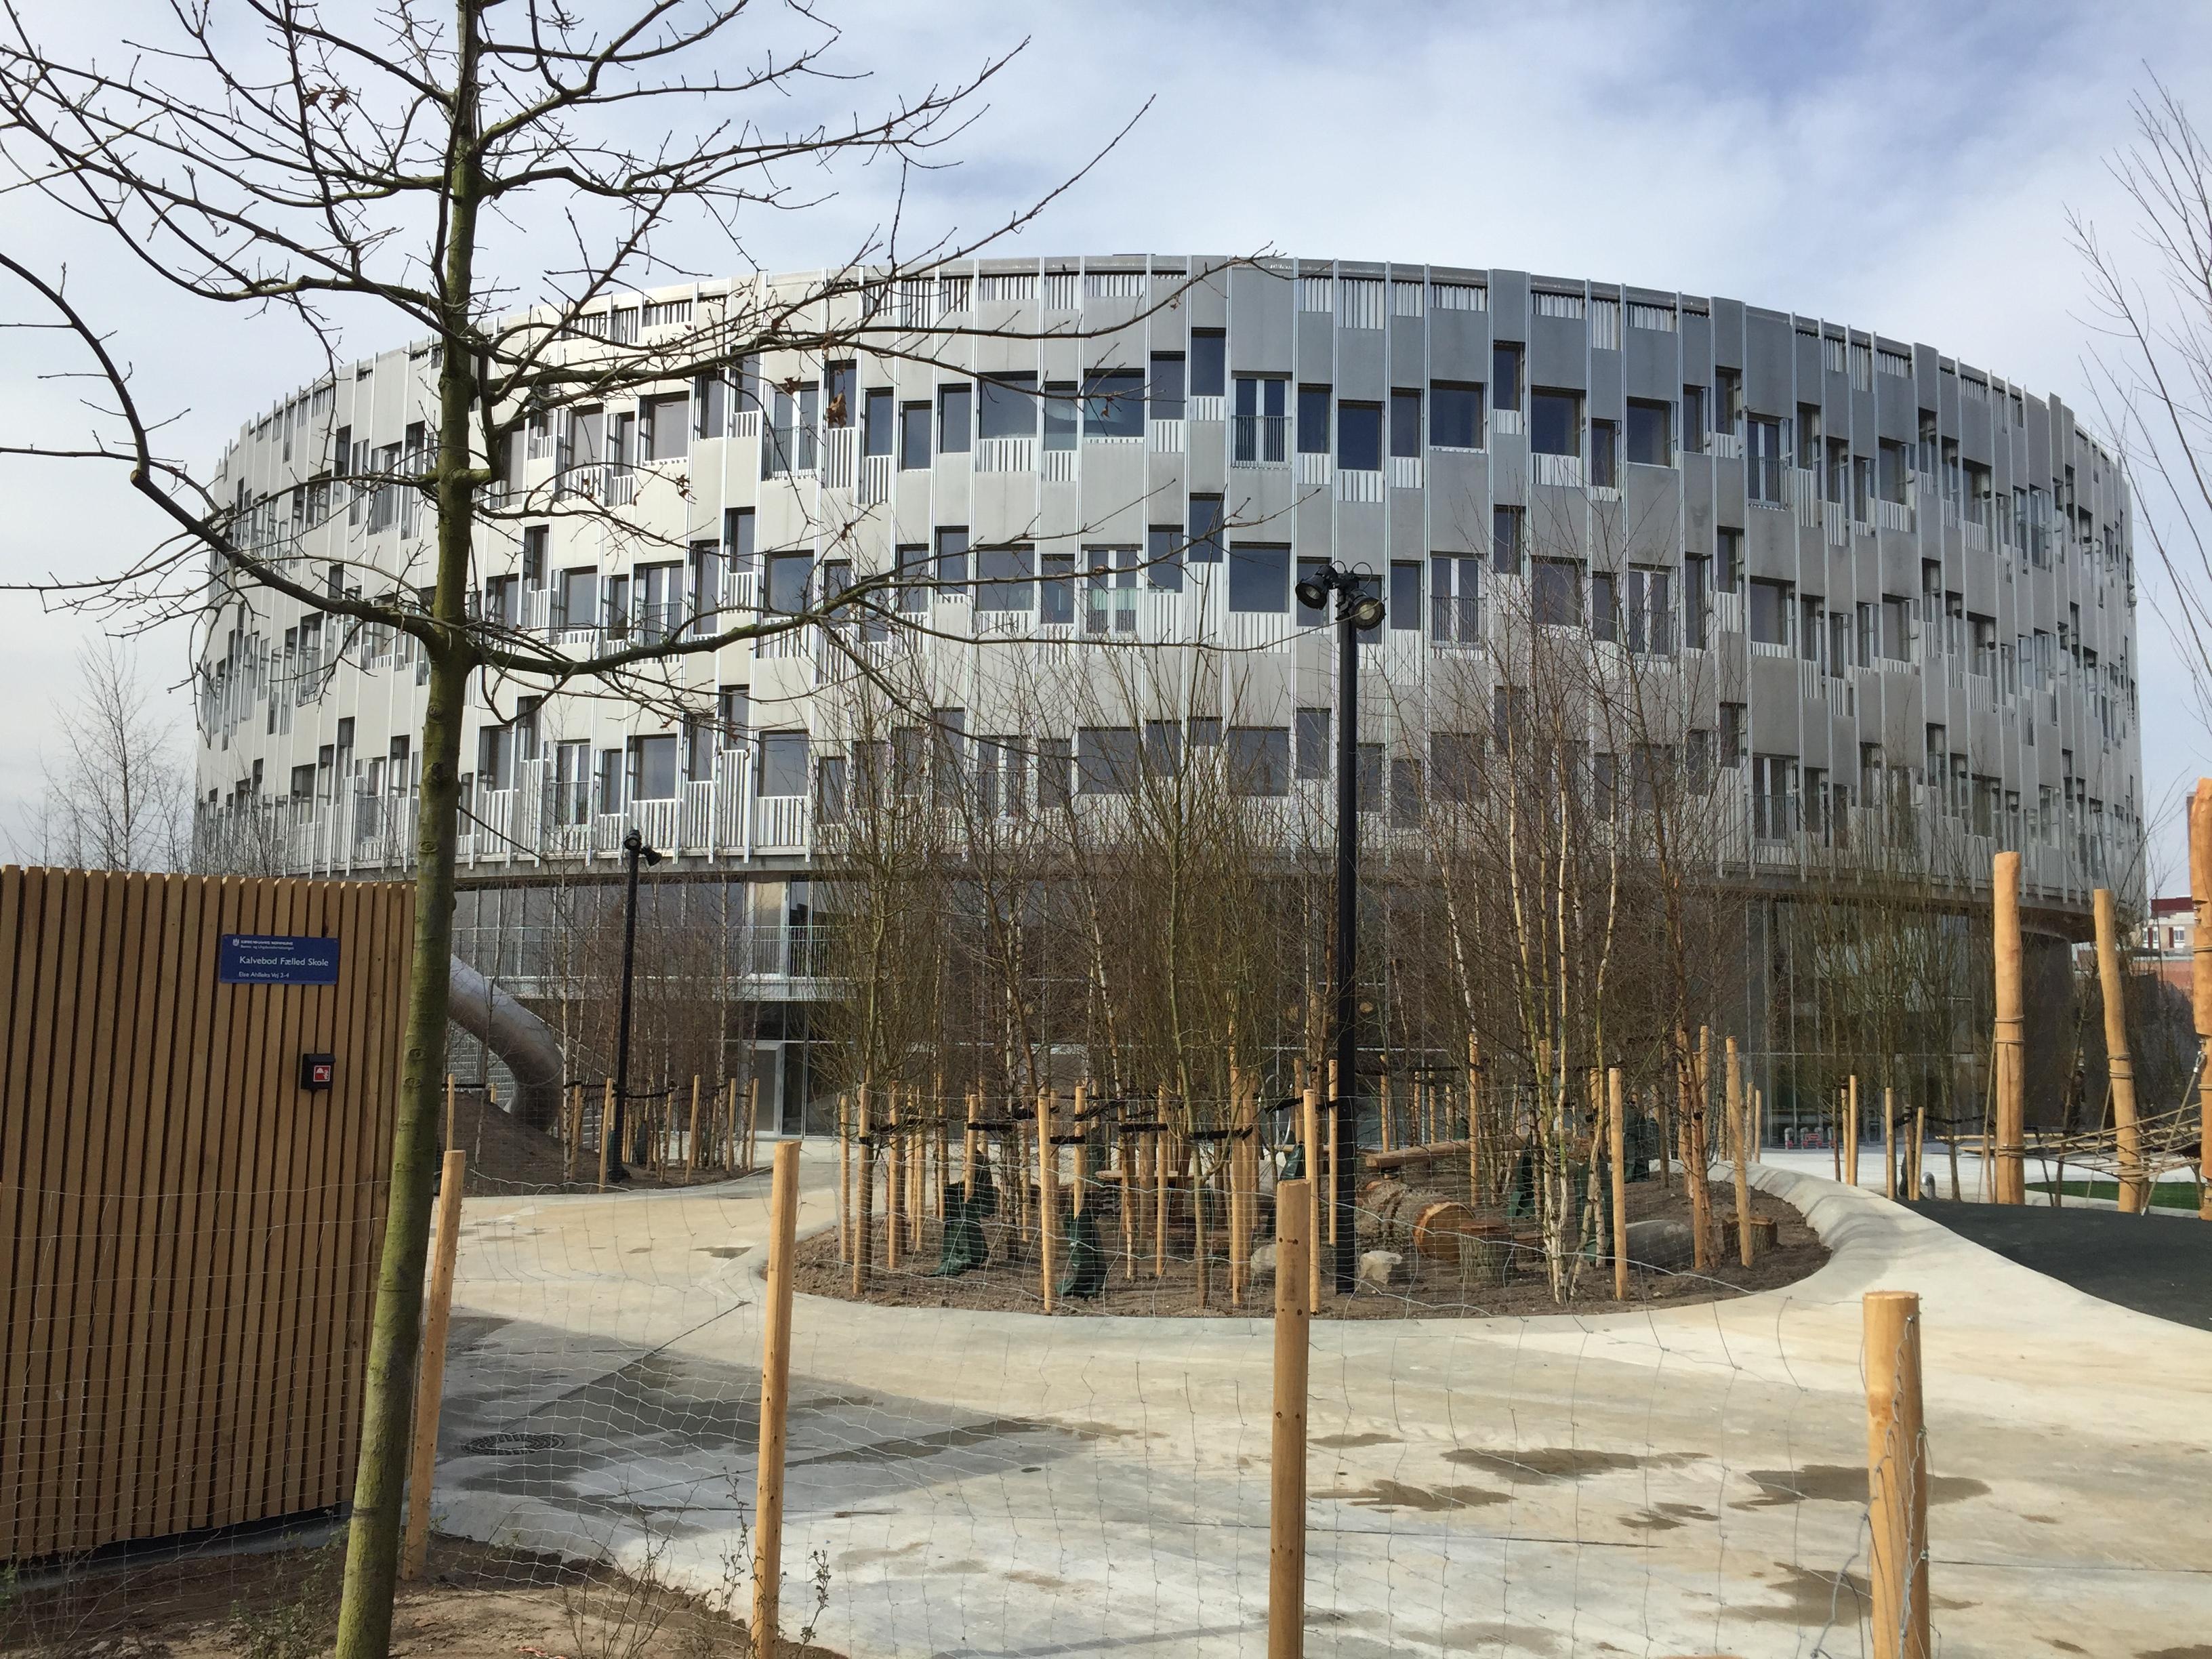 Kalvebod Fælled Skole - Building Supply DK